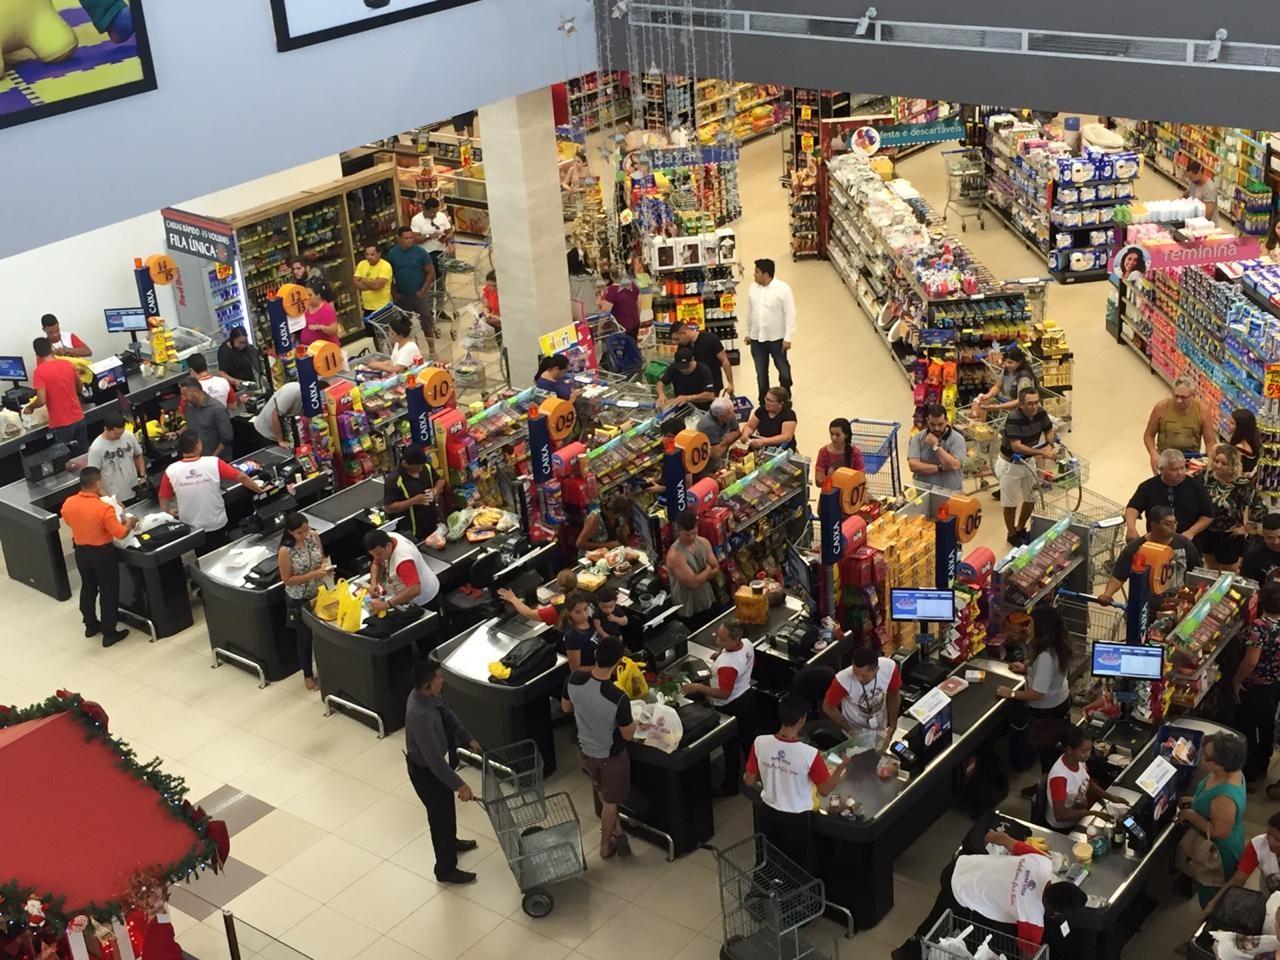 Empresa oferta cerca de 250 vagas de emprego no Amapá; veja como concorrer - Notícias - Plantão Diário